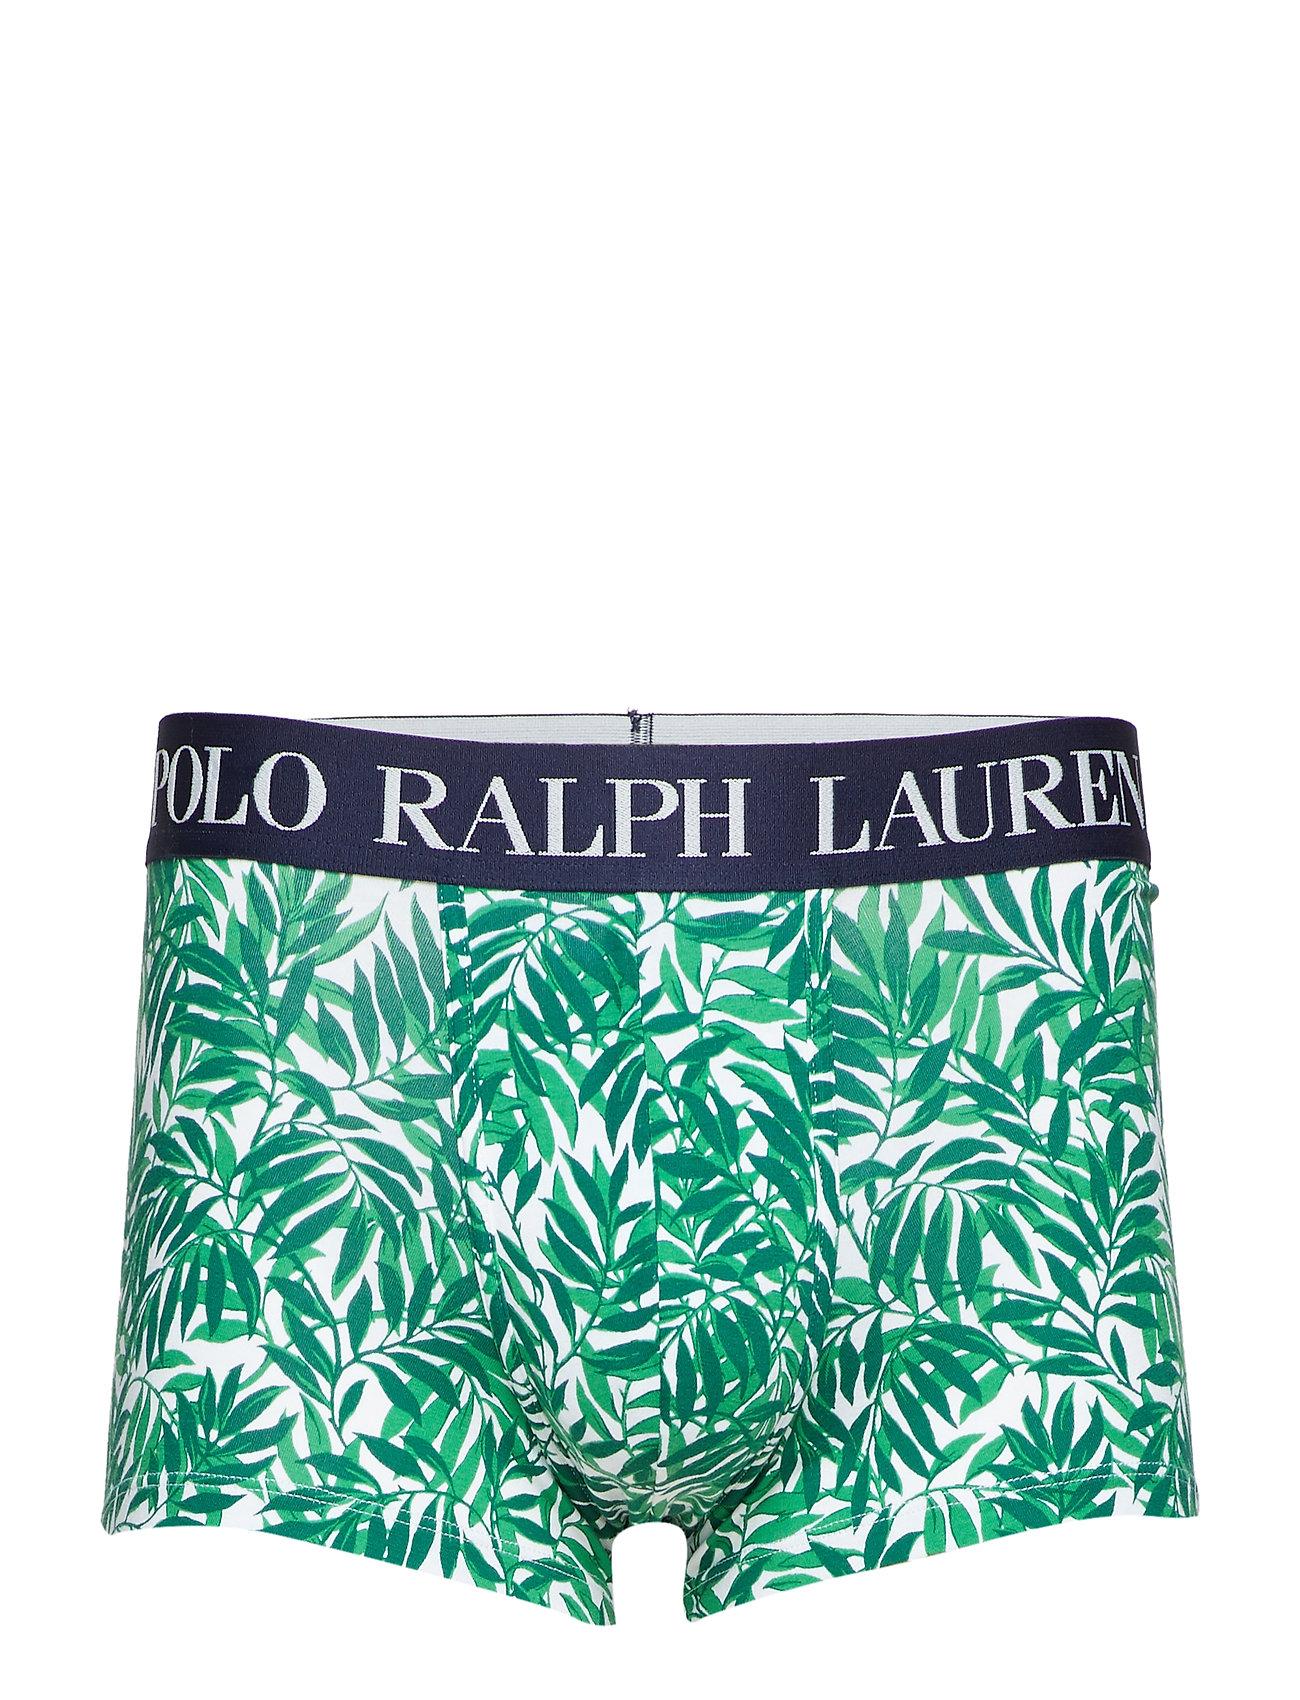 Polo Ralph Lauren Underwear COTTON/ELASTANE-1PK-TRN